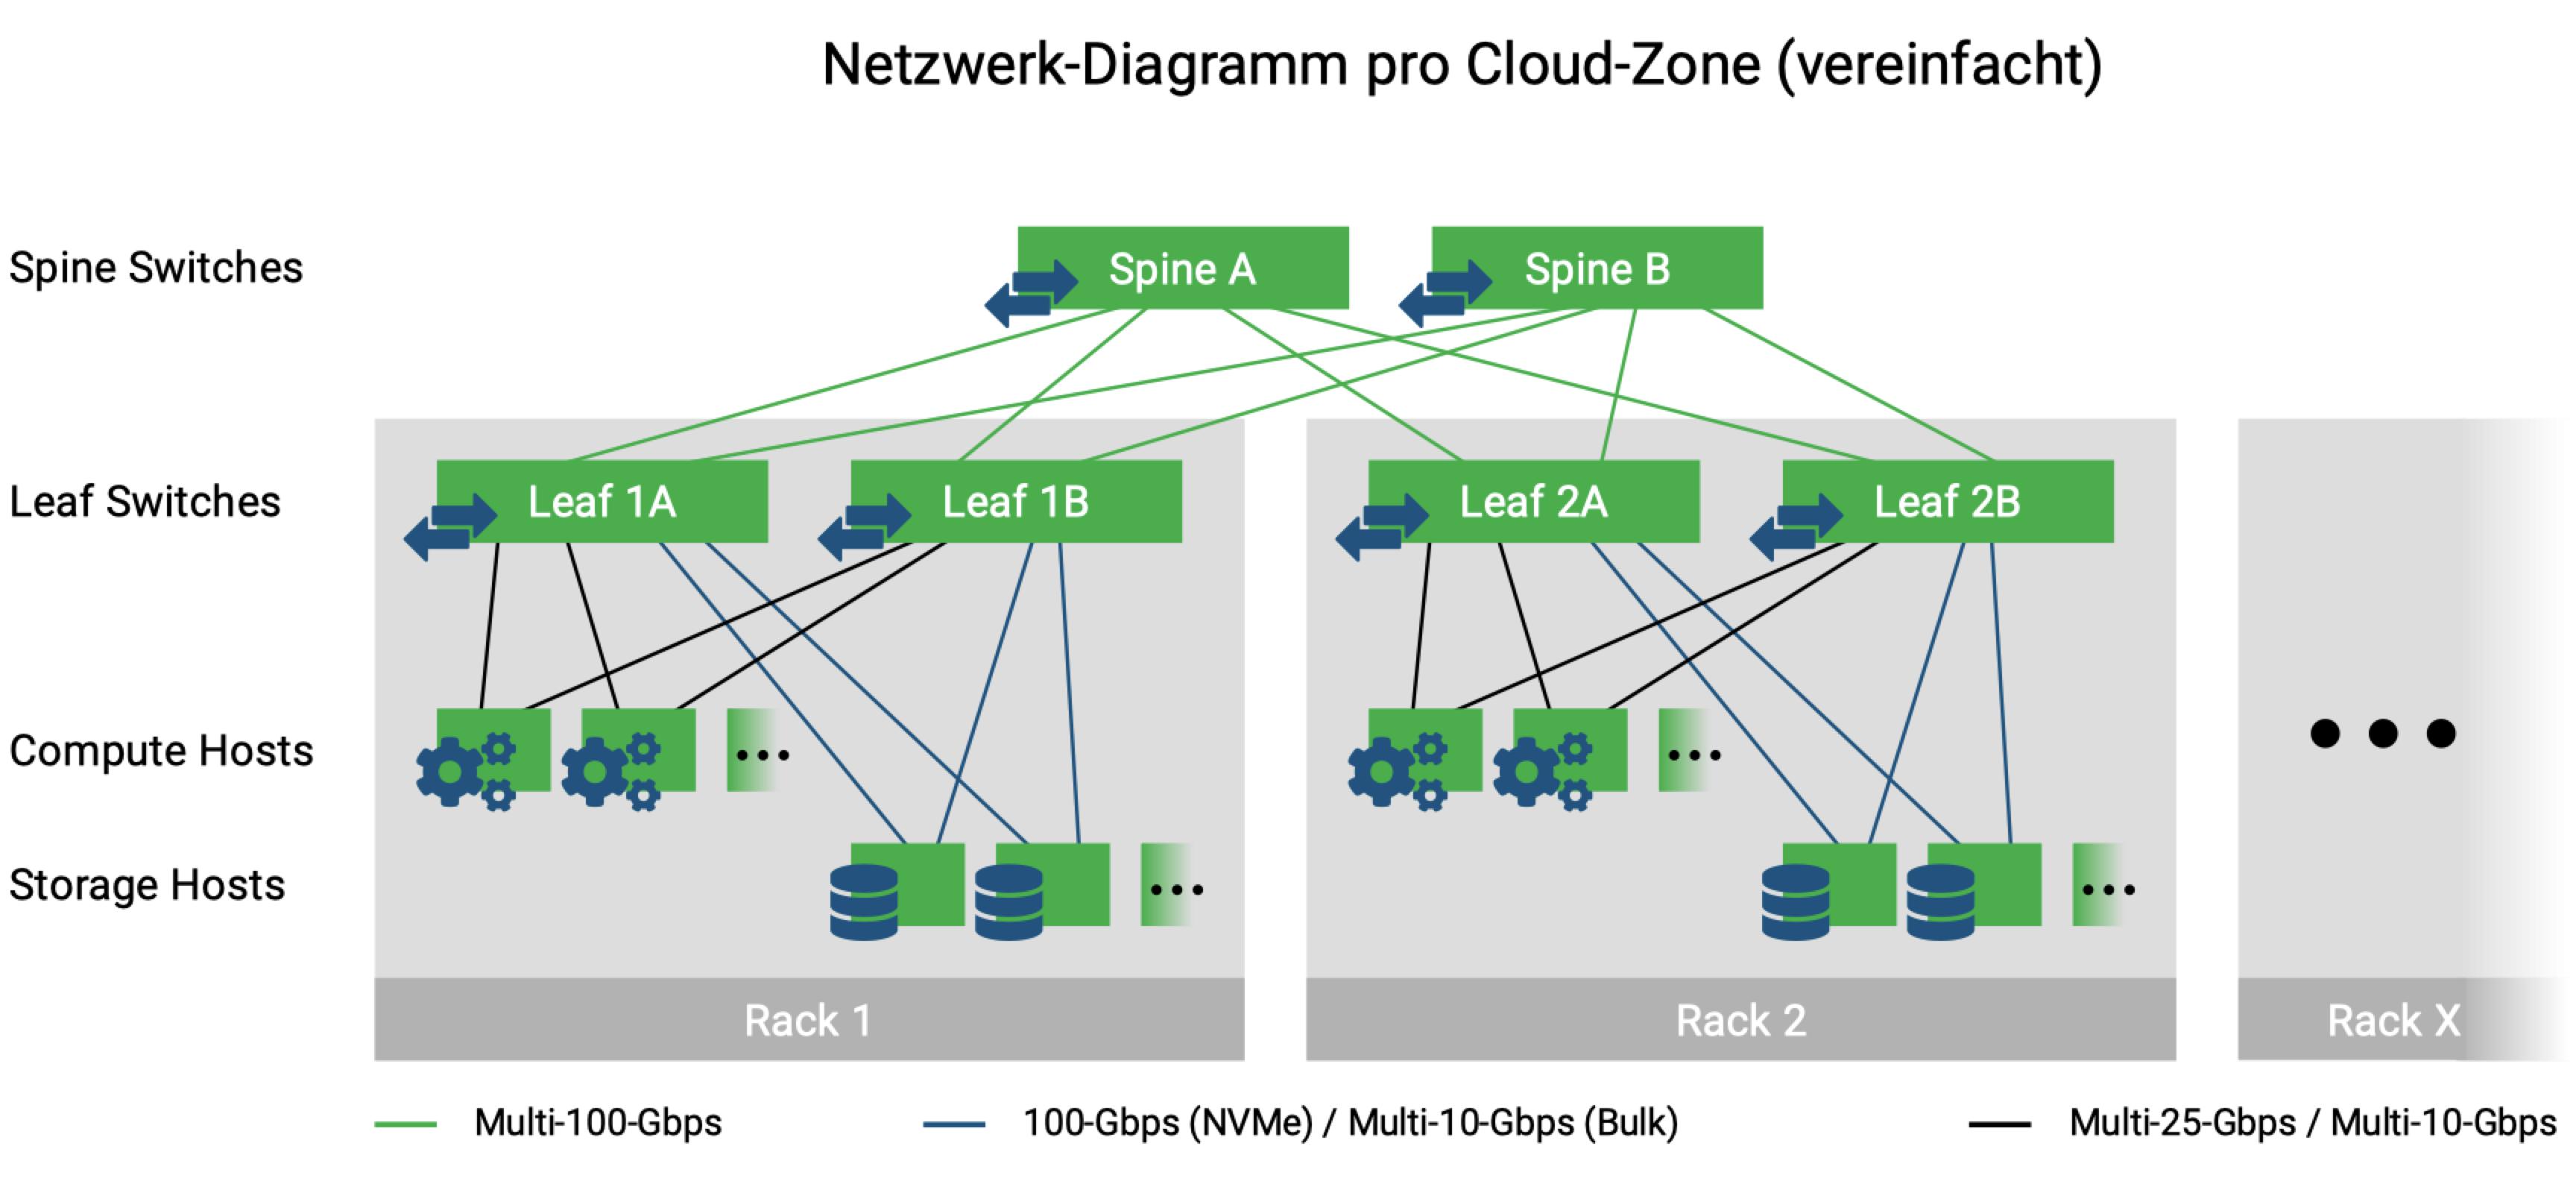 Netzwerk-Diagramm pro Cloud-Zone (vereinfacht)